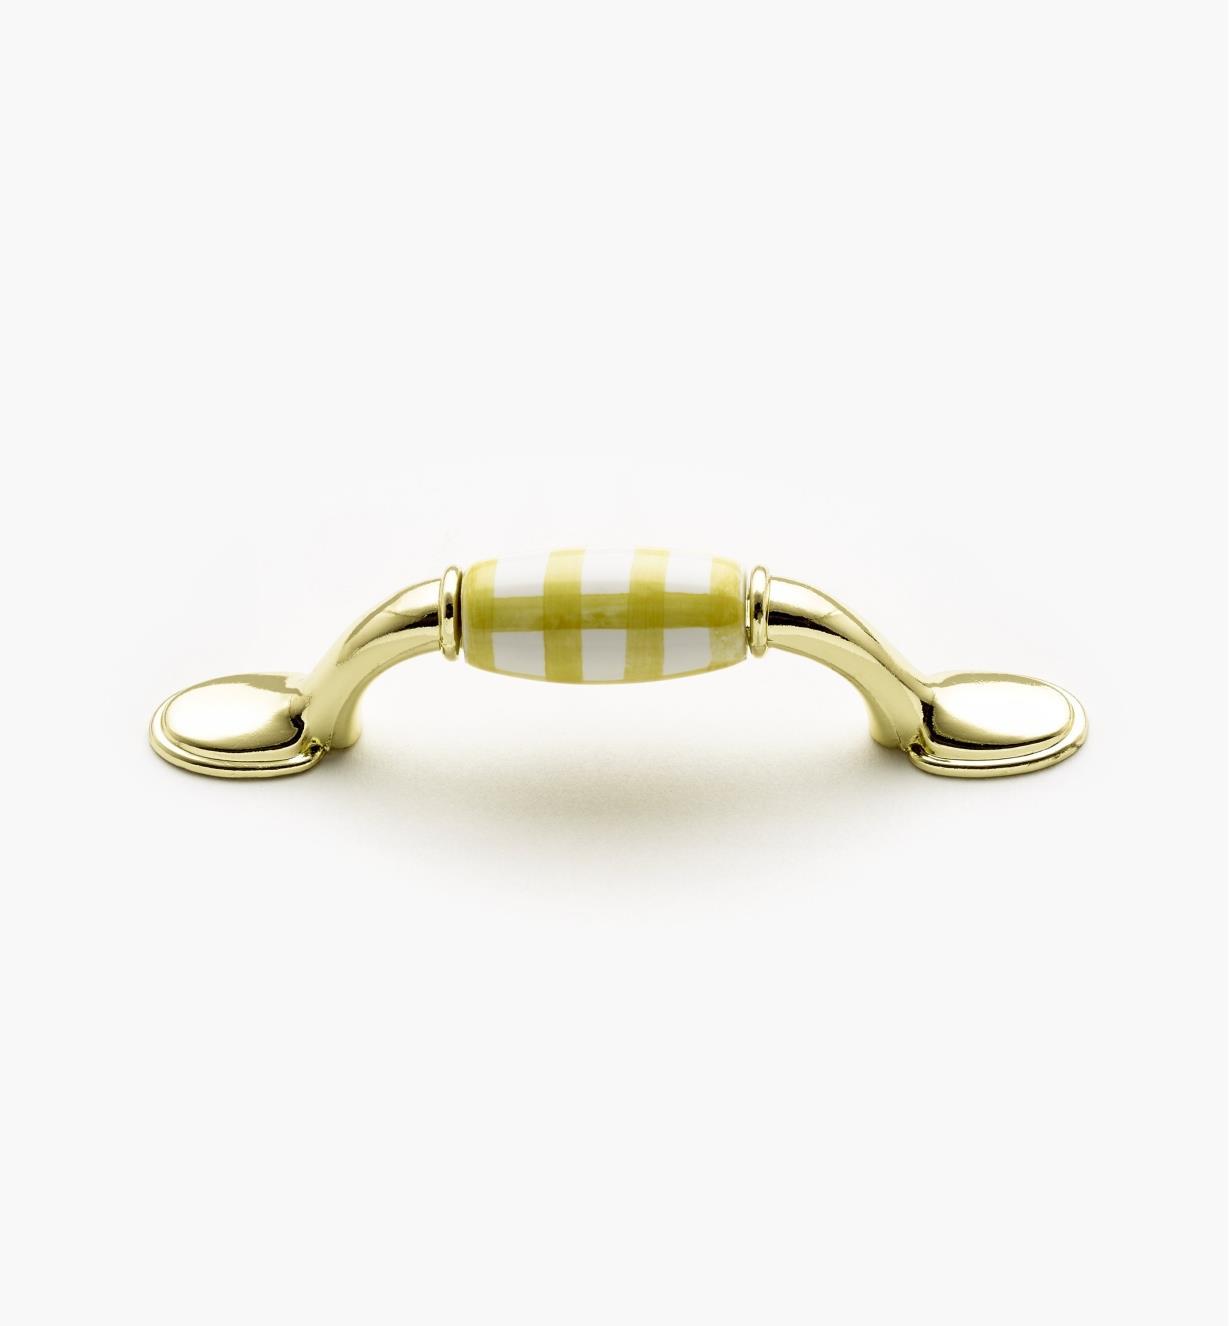 00W5242 - Poignée zinc-céramique standard, fini laiton, jaune, 76 mm